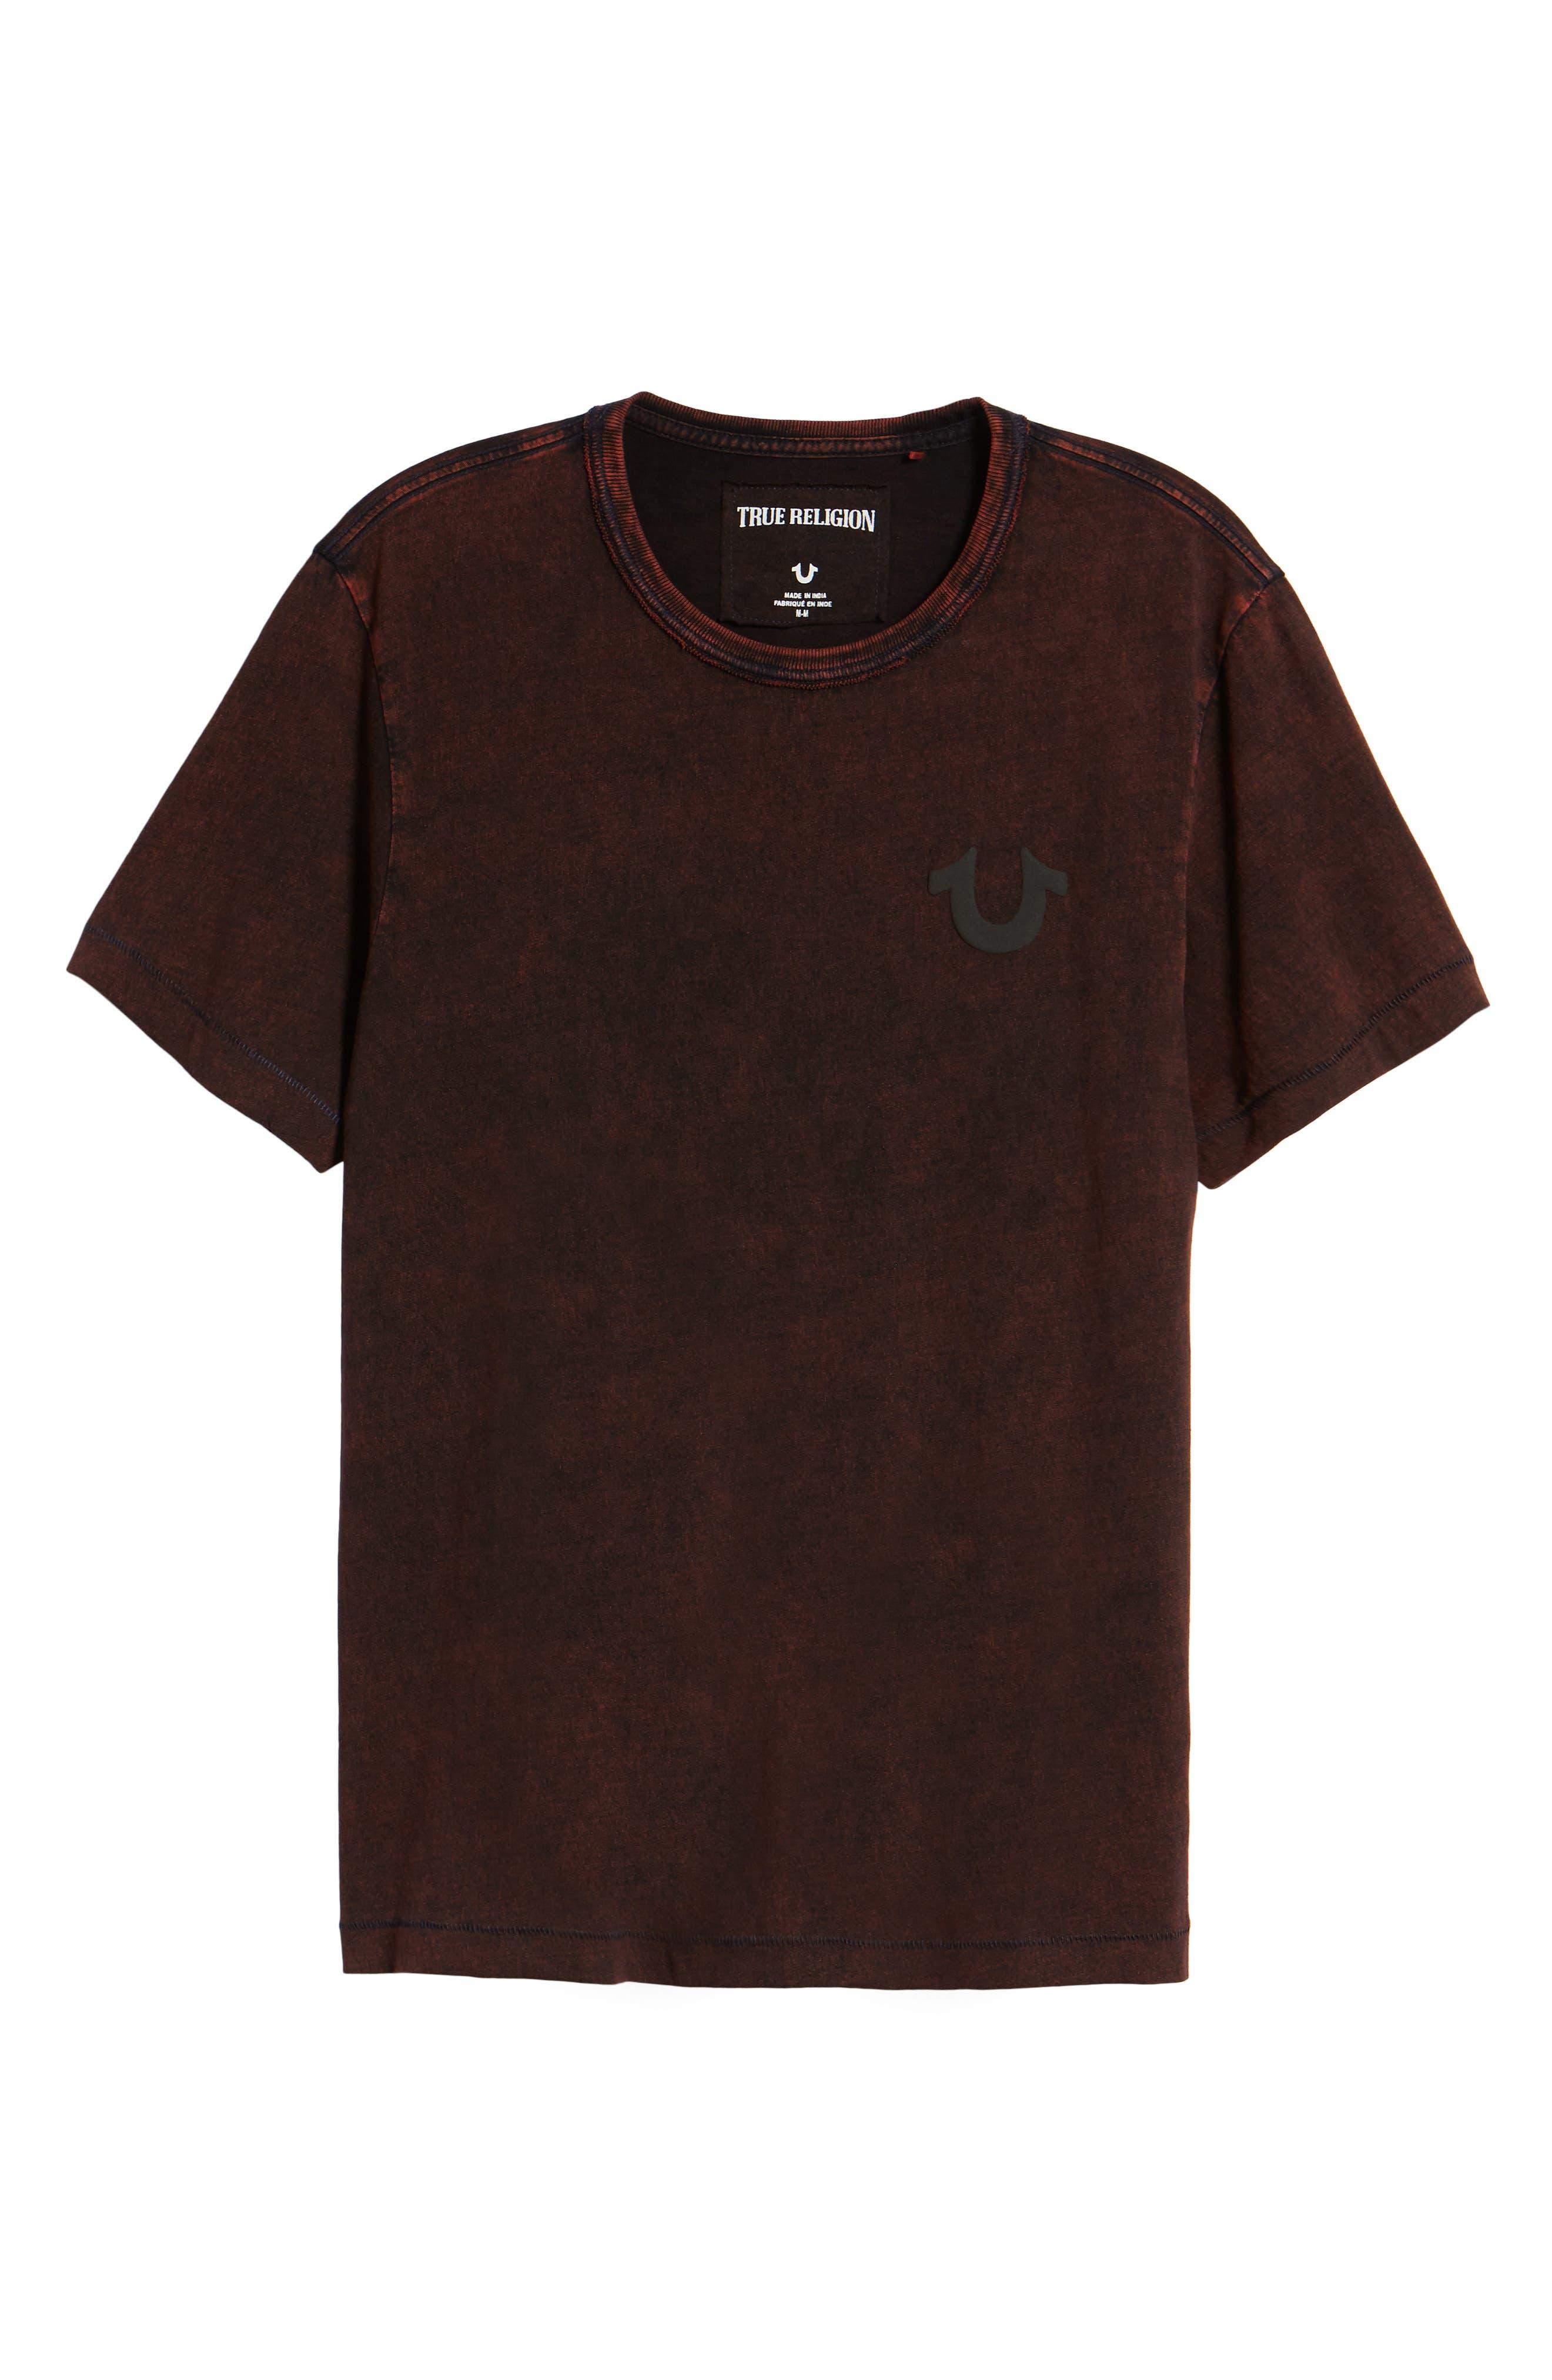 Washed Indigo Logo T-Shirt,                             Alternate thumbnail 6, color,                             INDIGO/ SUNBURST ORANGE COMBO